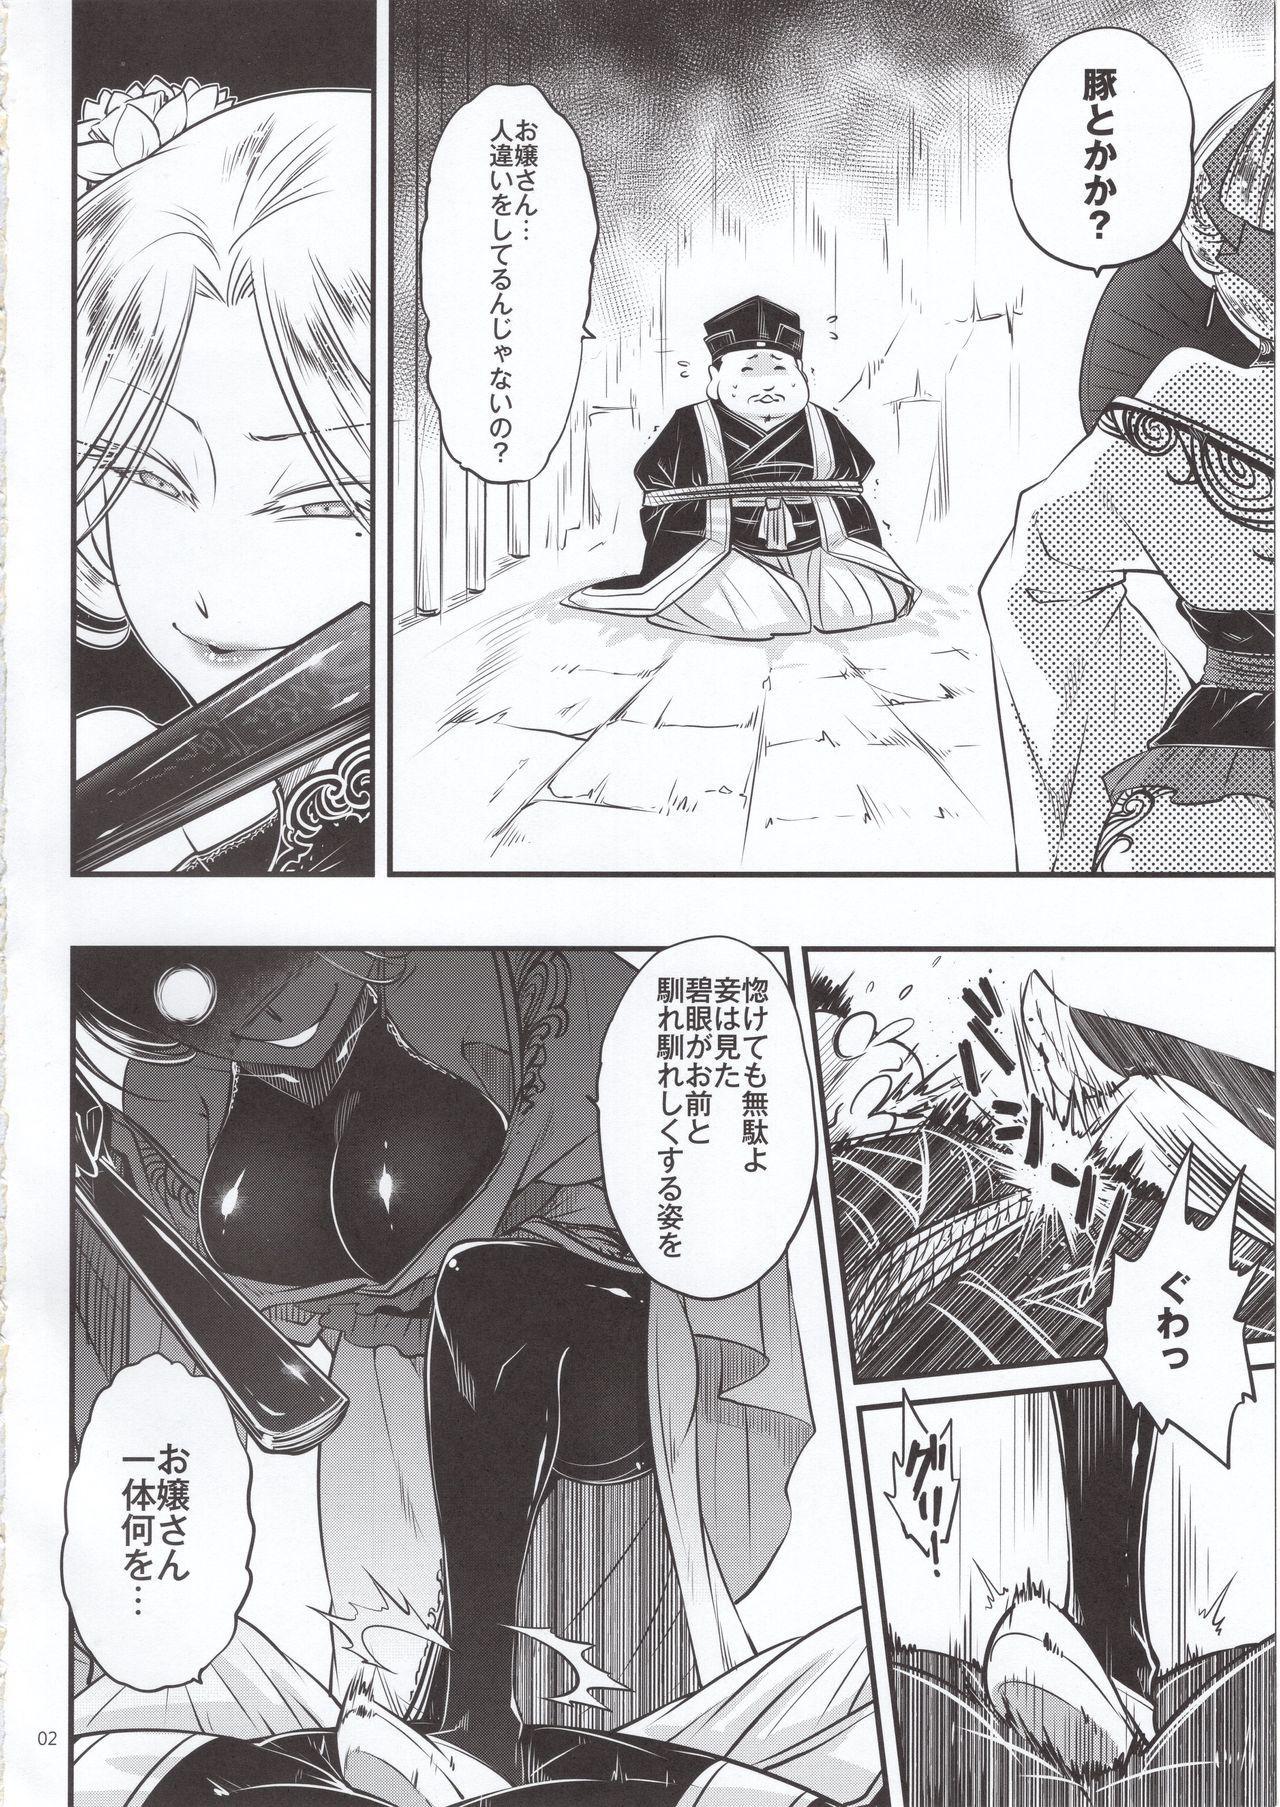 Hyakkasou4 《Akahitomiyasha, tosuisen no kyofu》 2